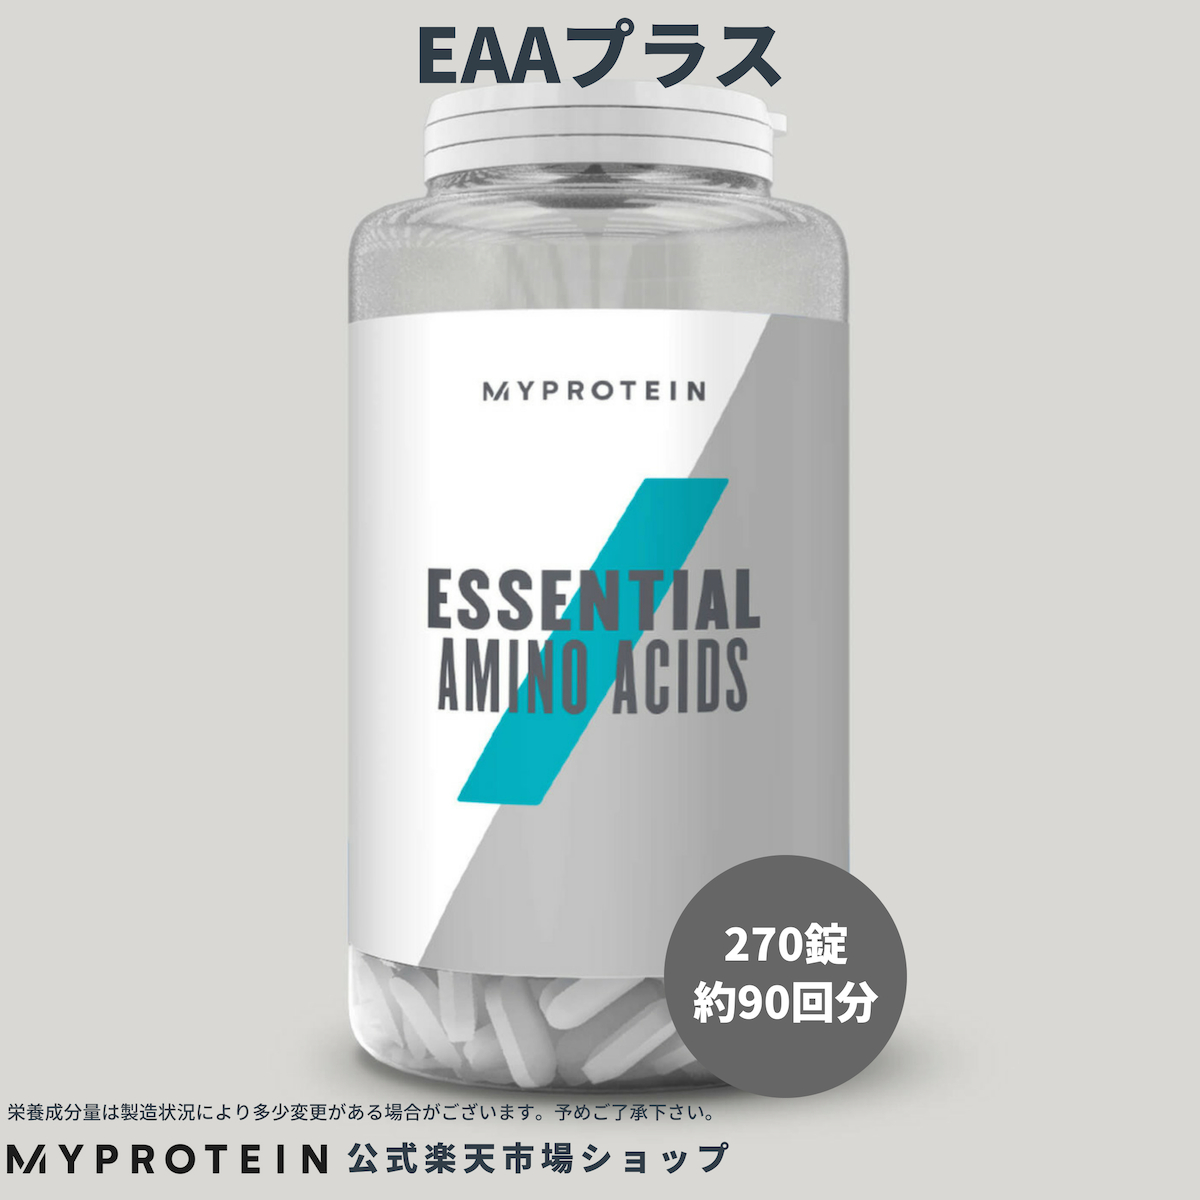 マイプロテイン 公式 【MyProtein】 EAA プラス 270錠 約90回分| サプリメント サプリ EAA BCAA配合 アミノ酸 あみの酸 バリン ロイシン スポーツサプリ ダイエットサプリ アルギニン カルニチン【楽天海外直送】